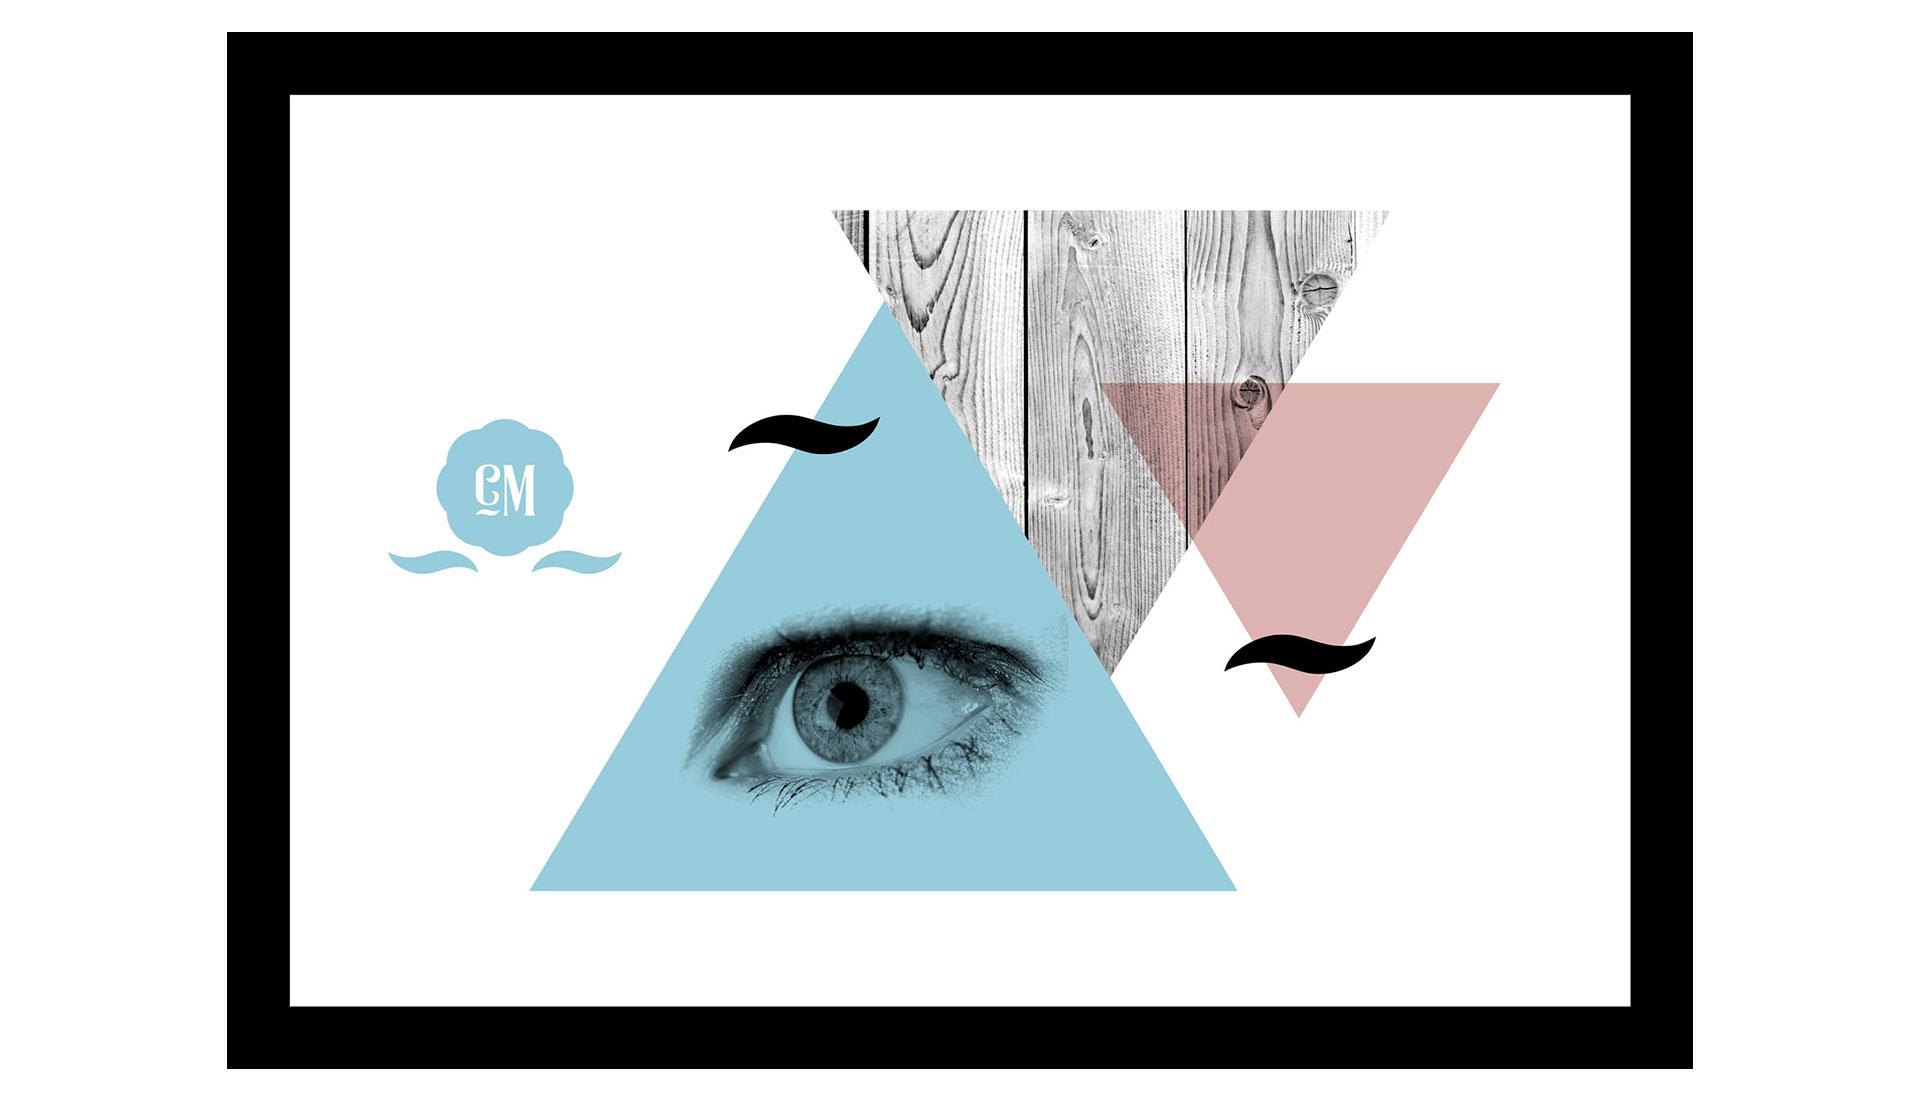 agencia-publicidad-pennyworth-marketing-digital-branding-centro-belleza-valencia-06